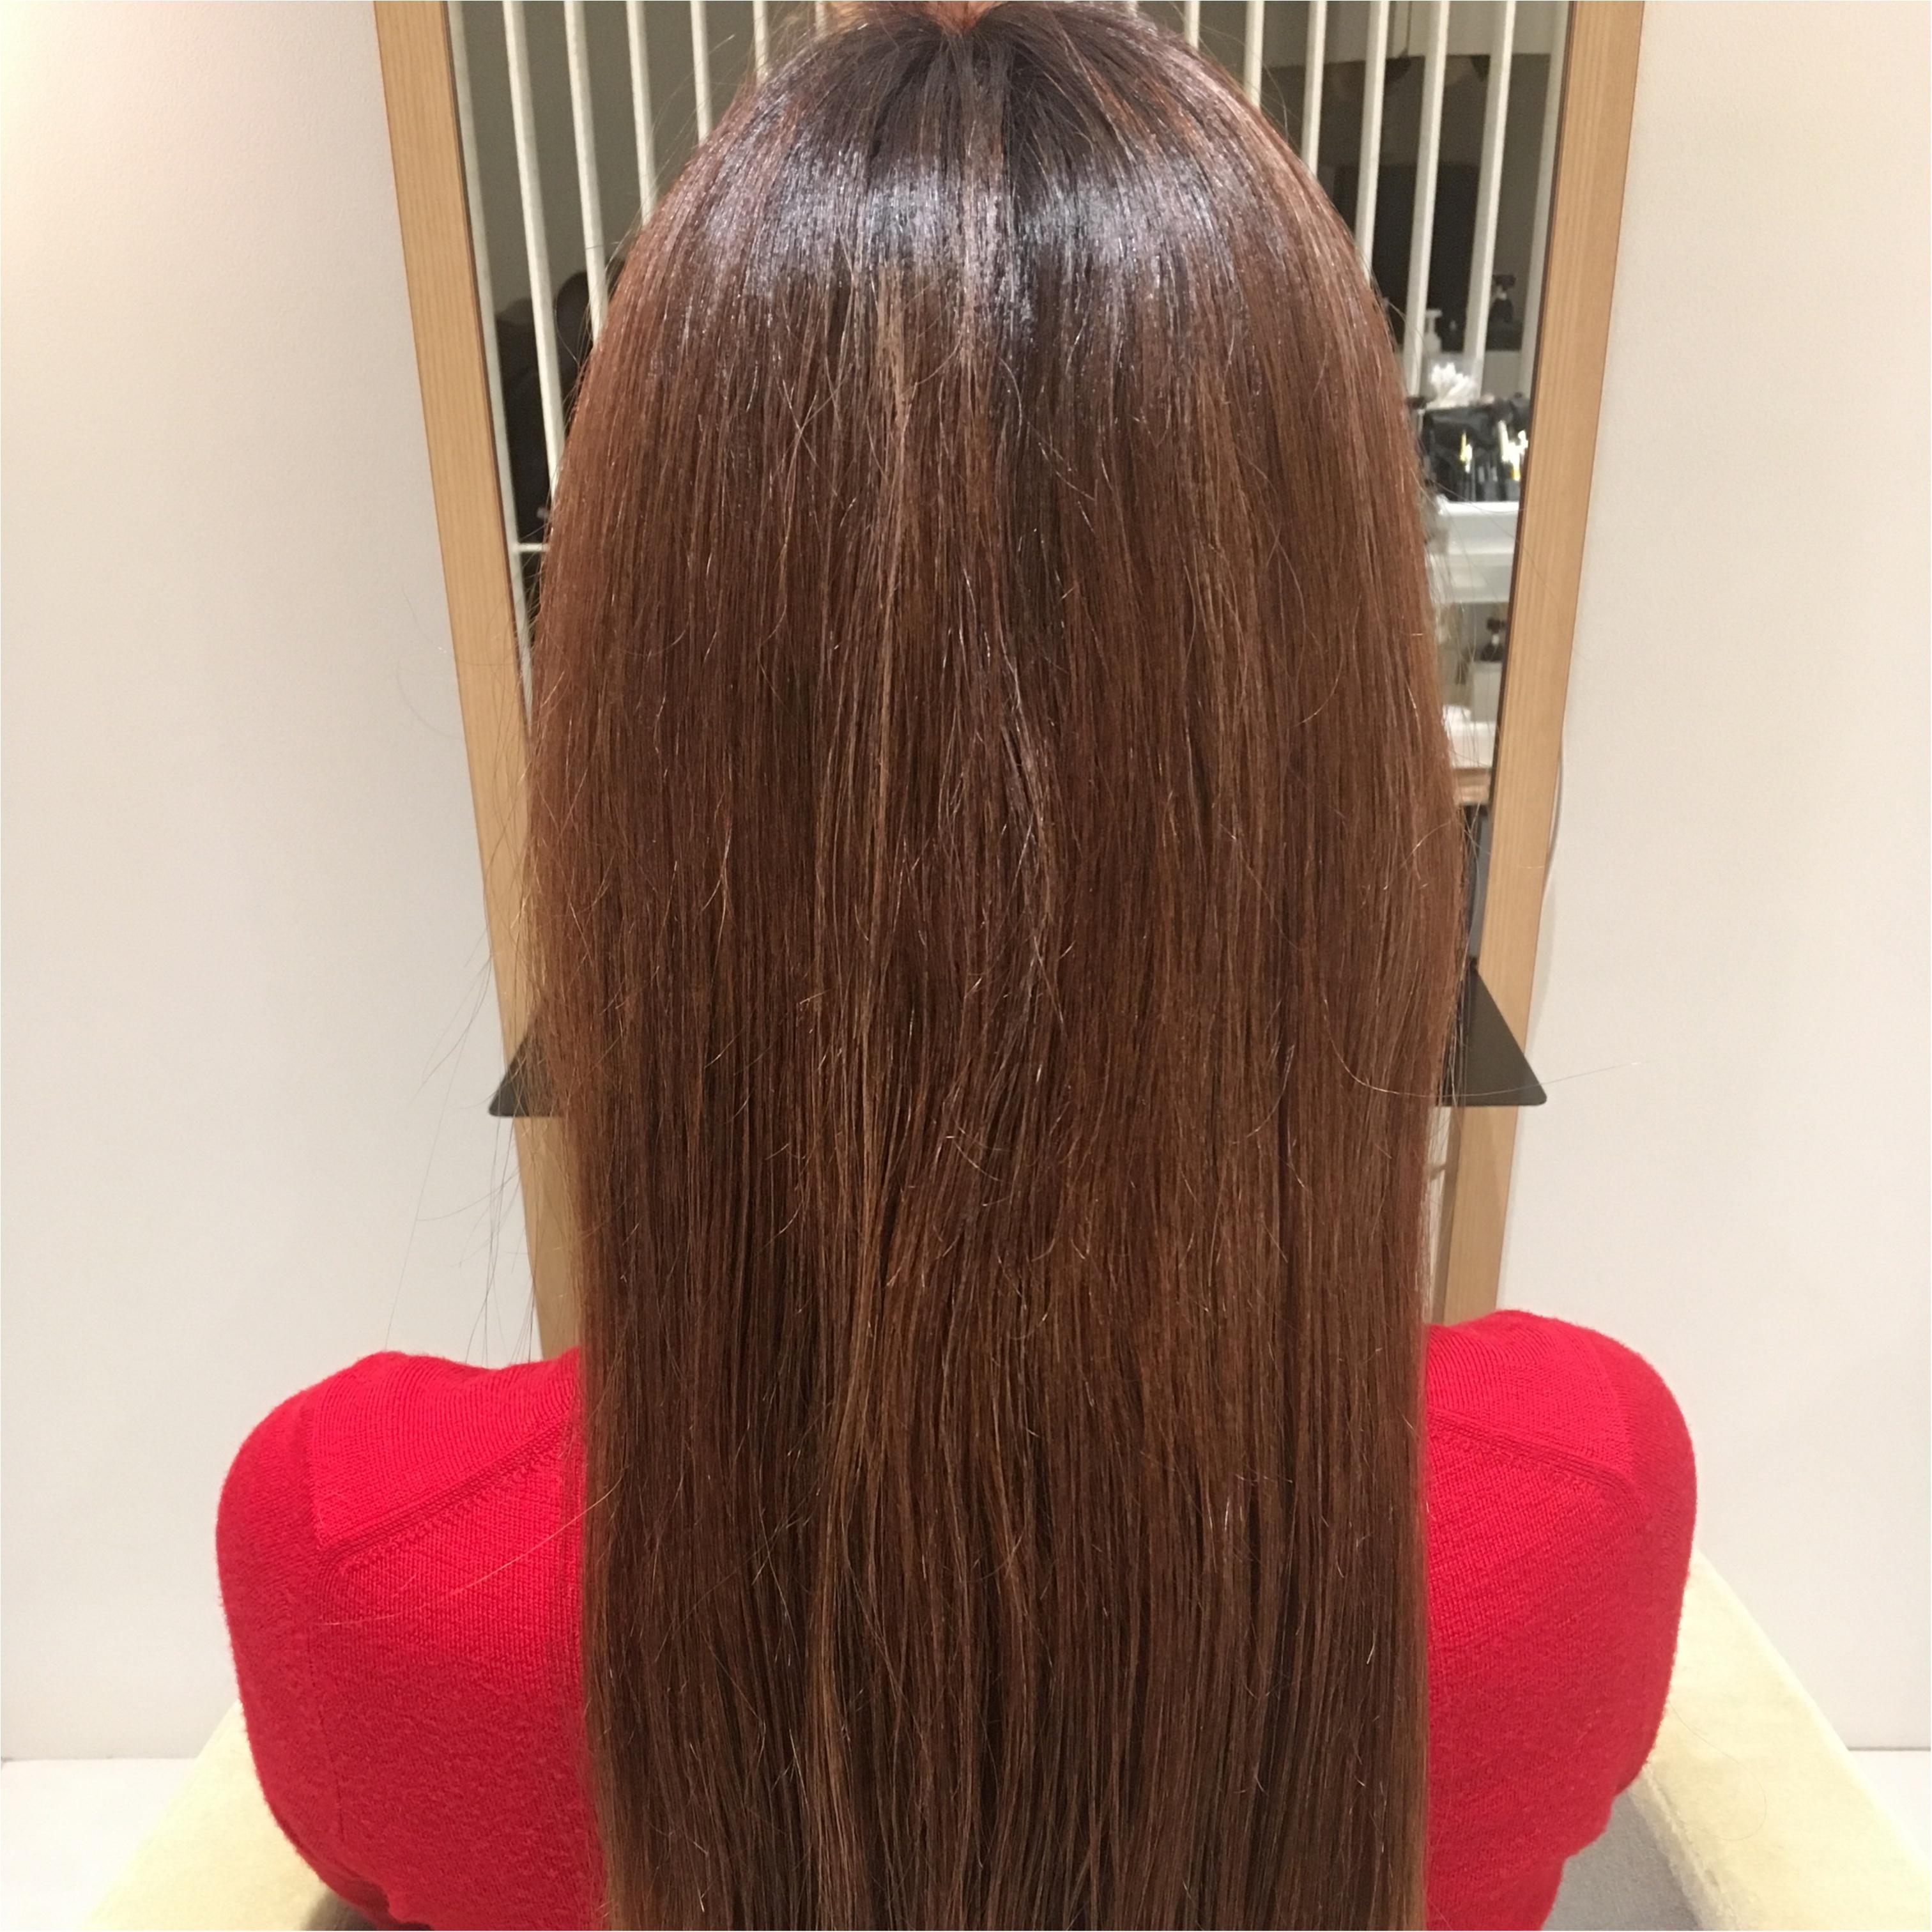 【くせっ毛さんに朗報】髪の毛もストレスフリーに✰ナチュラルが一番!!パーマよりもストレートをすすめる理由_1